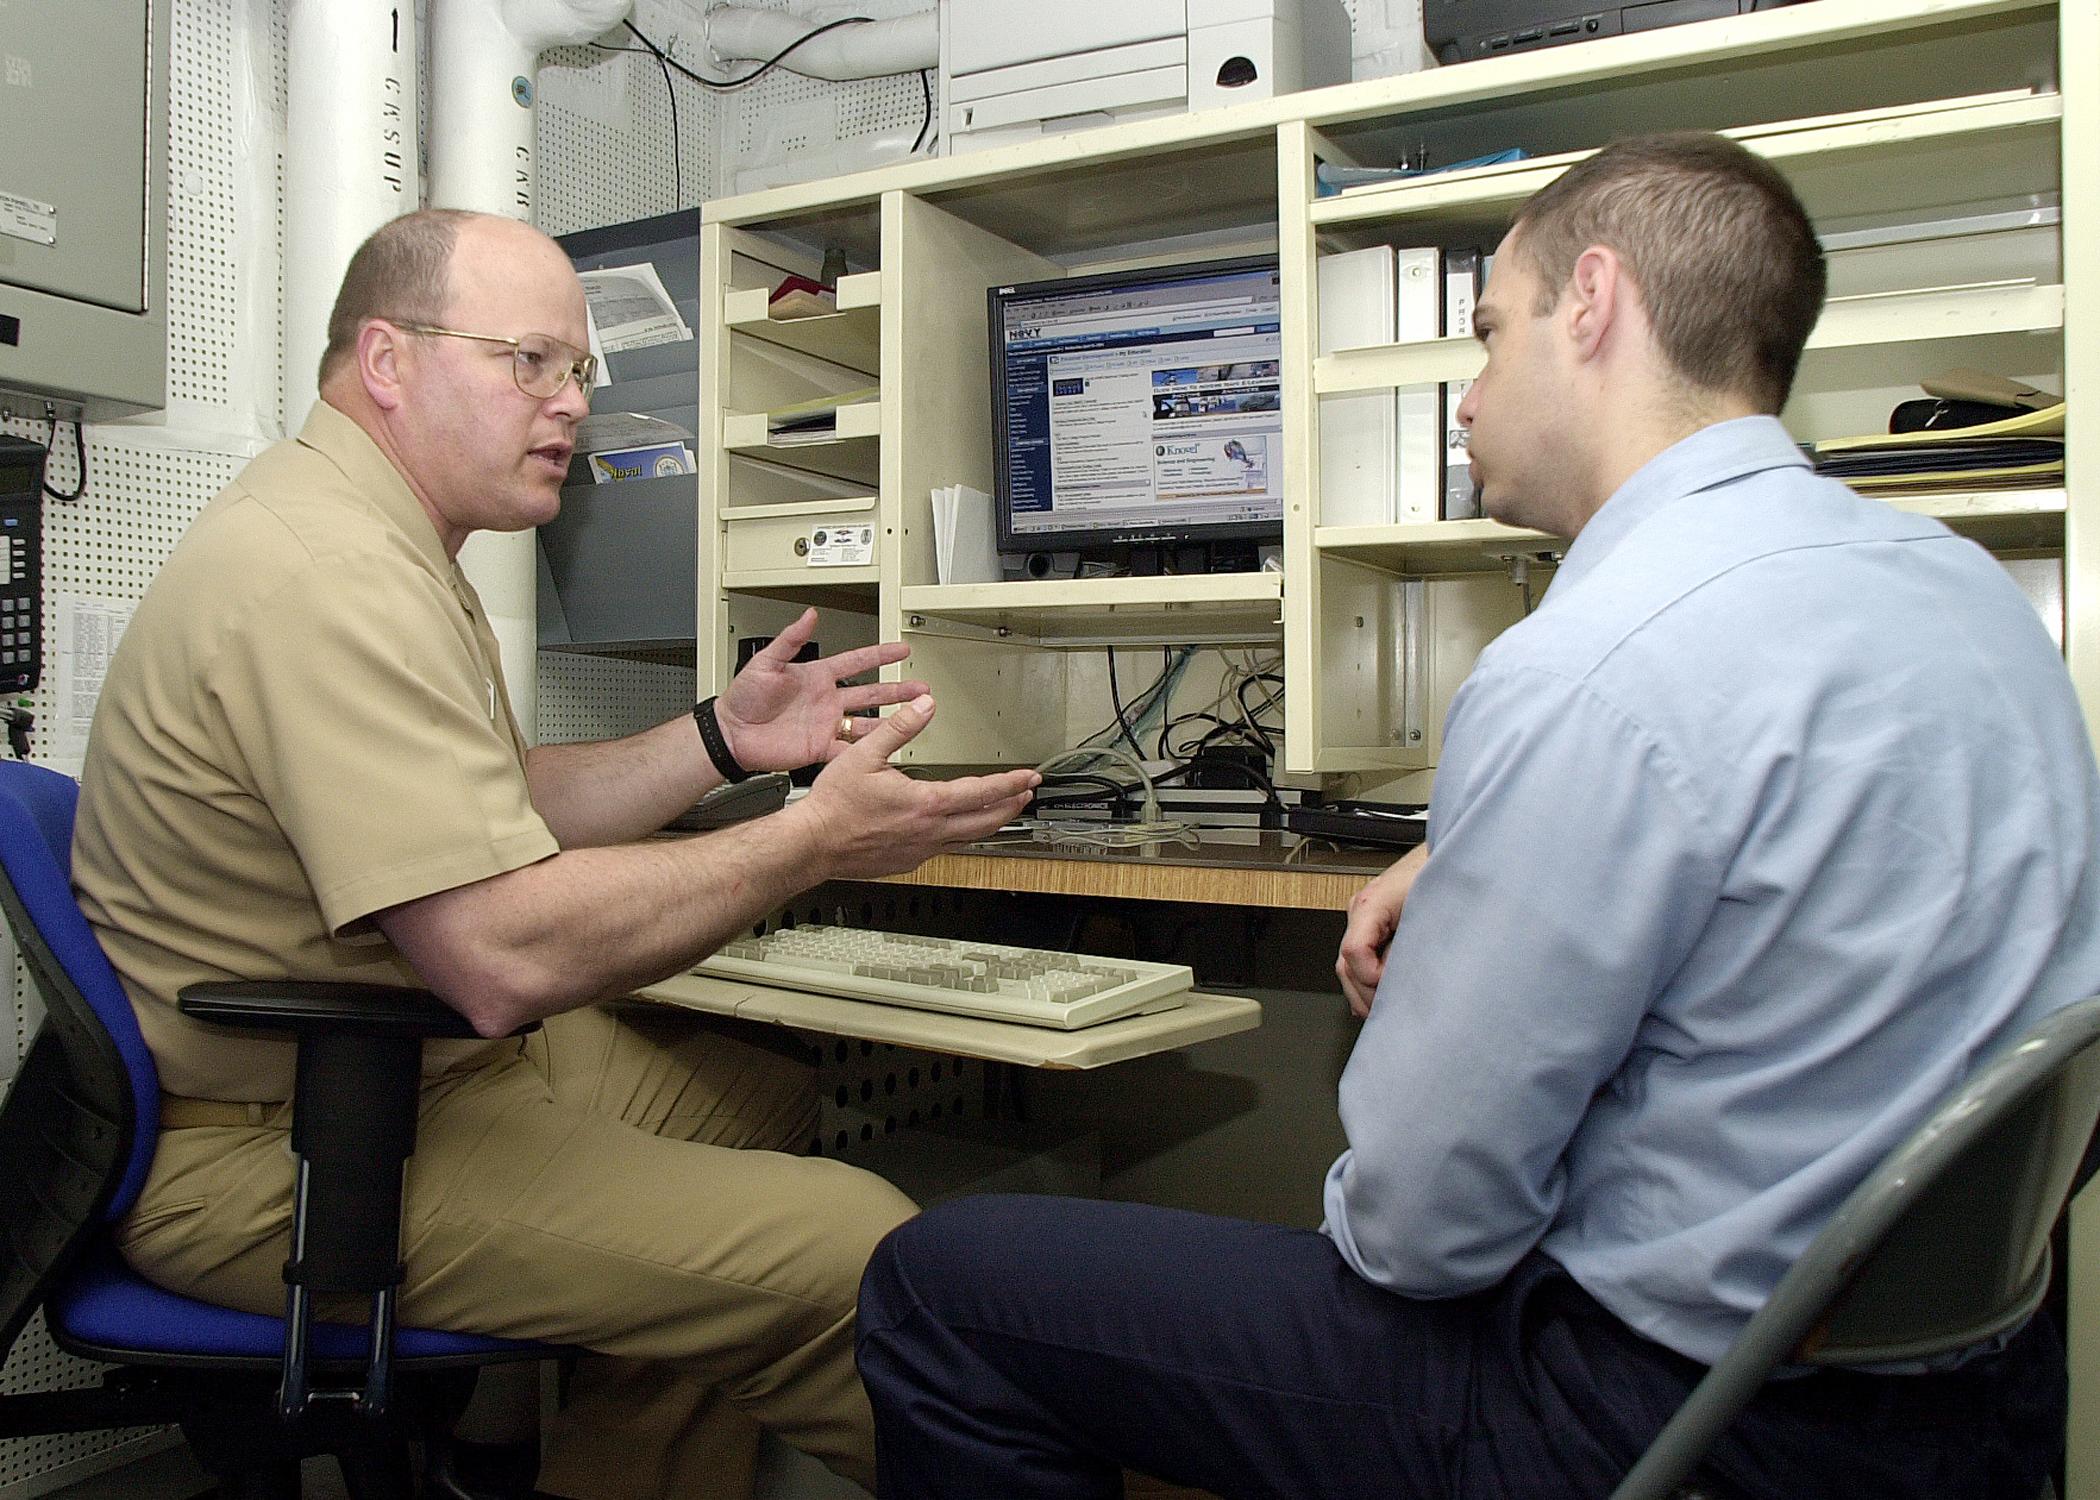 navy knowledge online sailors feedback bill moran 040428 n 2716p 001